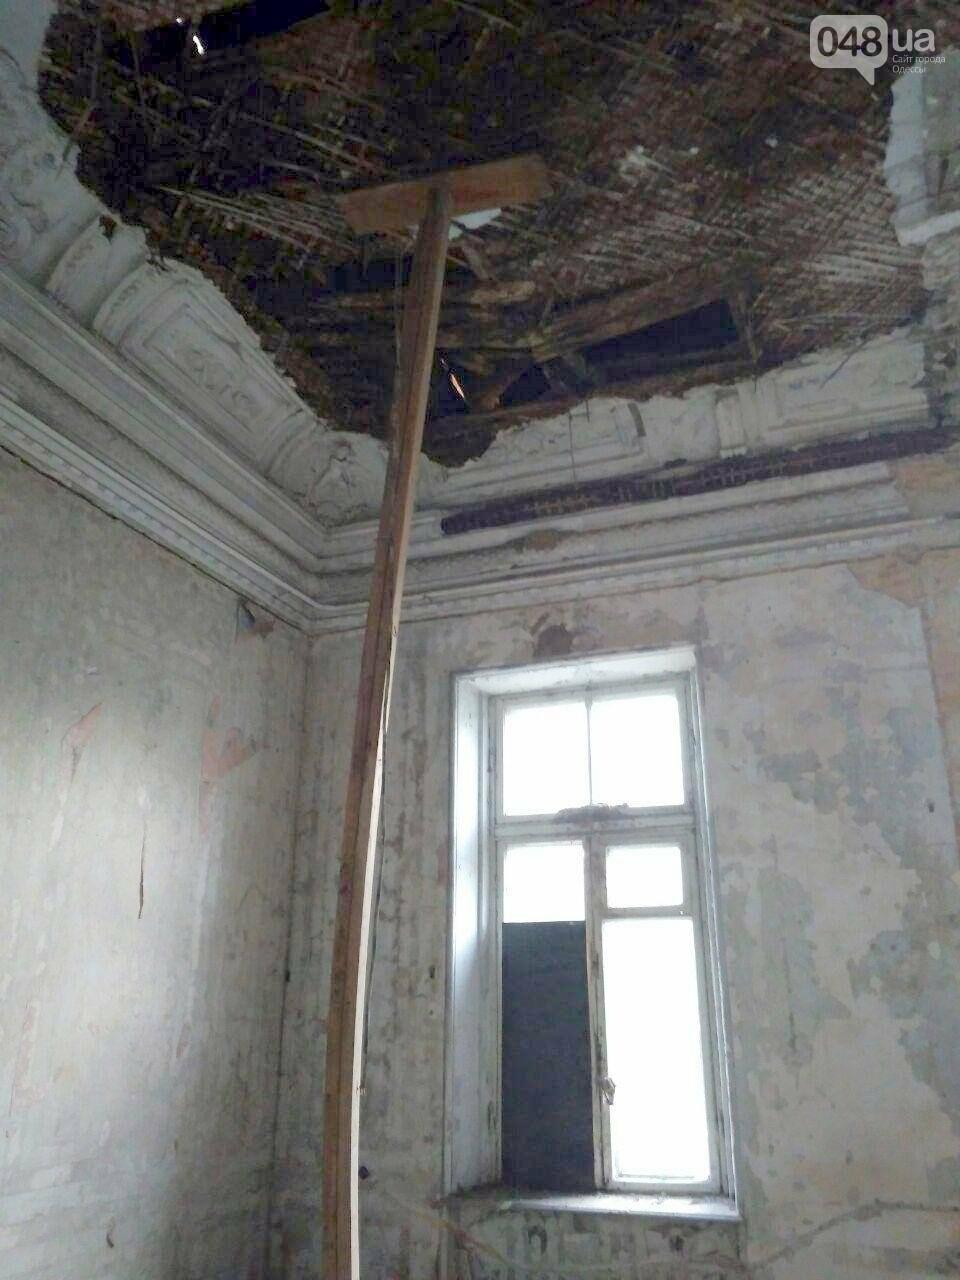 Поймать привидение или провалиться в подземелье: Одесский Дом Гоголя изнутри (ФОТО), фото-7